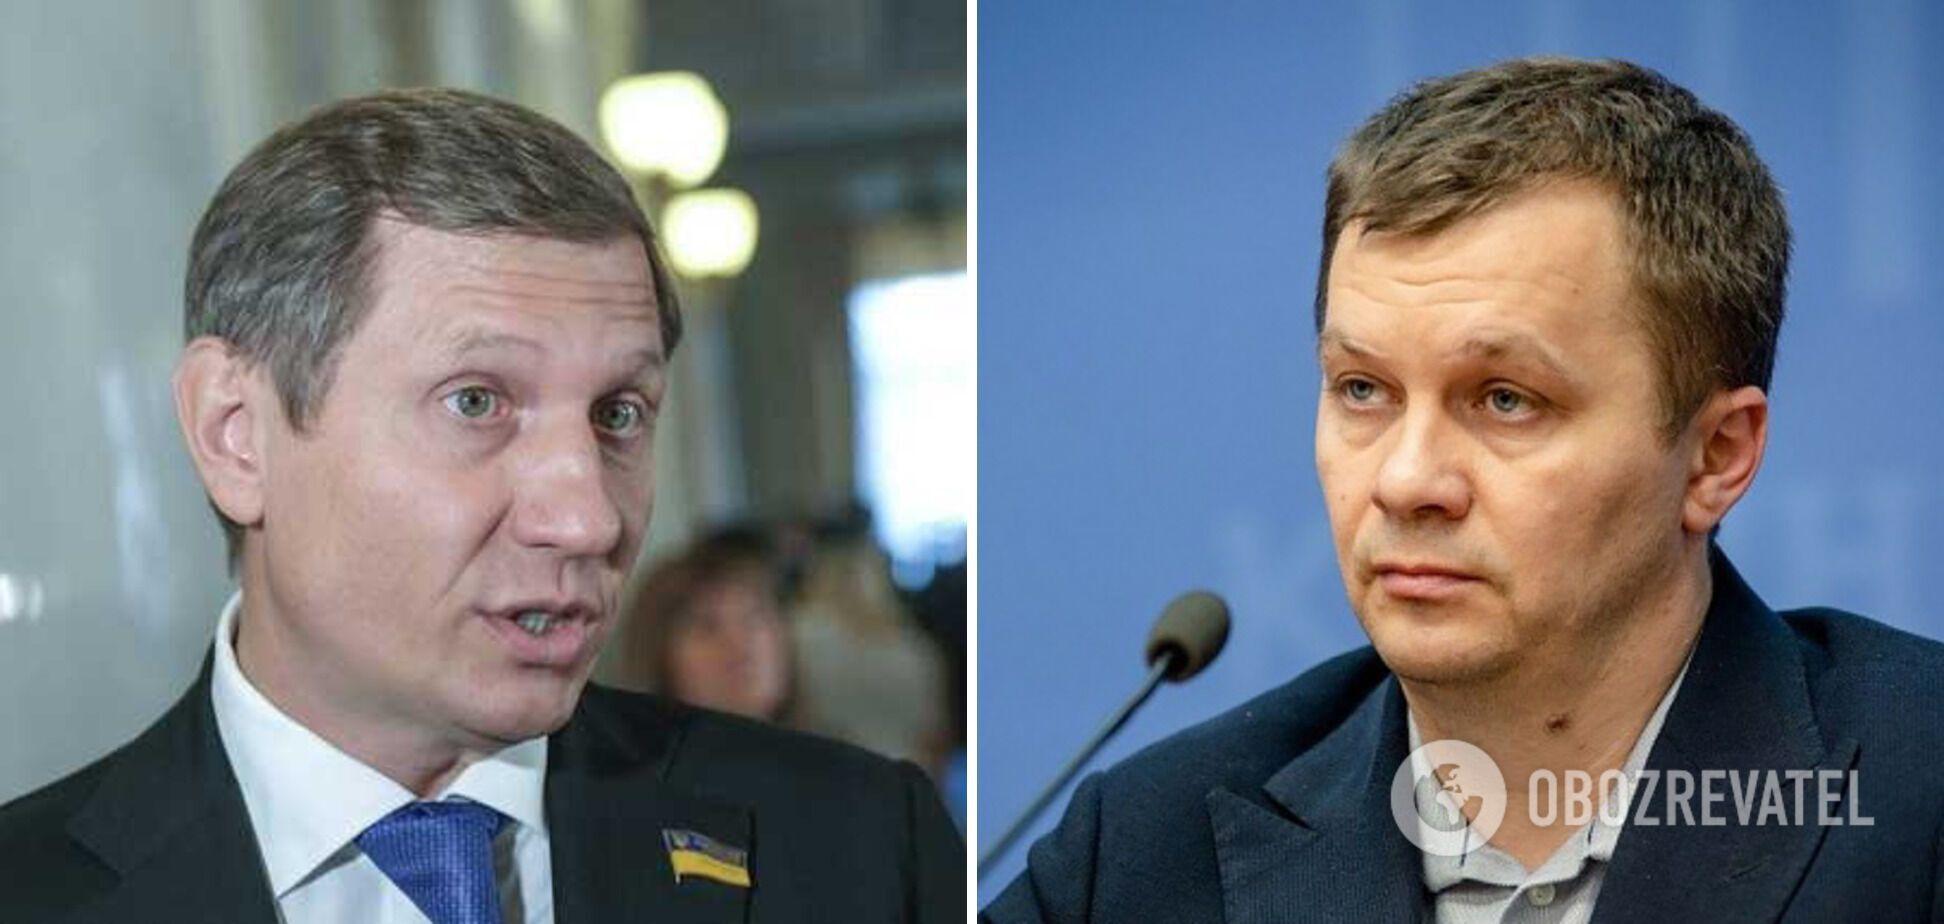 Я приехал на самокате, а вы на Maybach: украинские политики устроили перепалку в прямом эфире. Видео